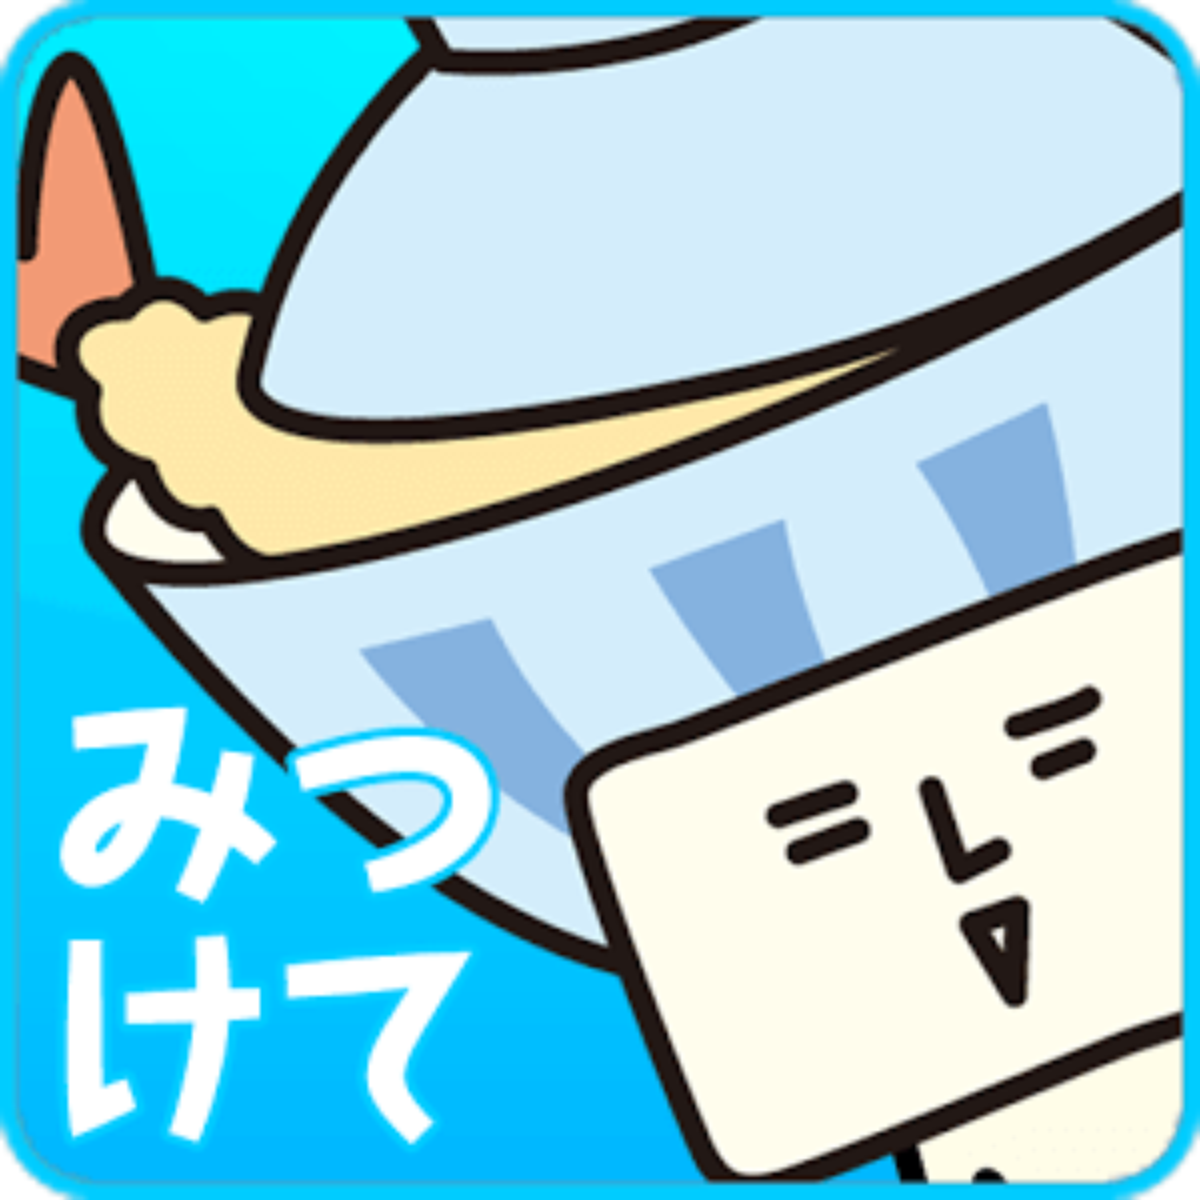 ぐるなび みつけて丼 /グルメなレストランの口コミ検索 1.0.7